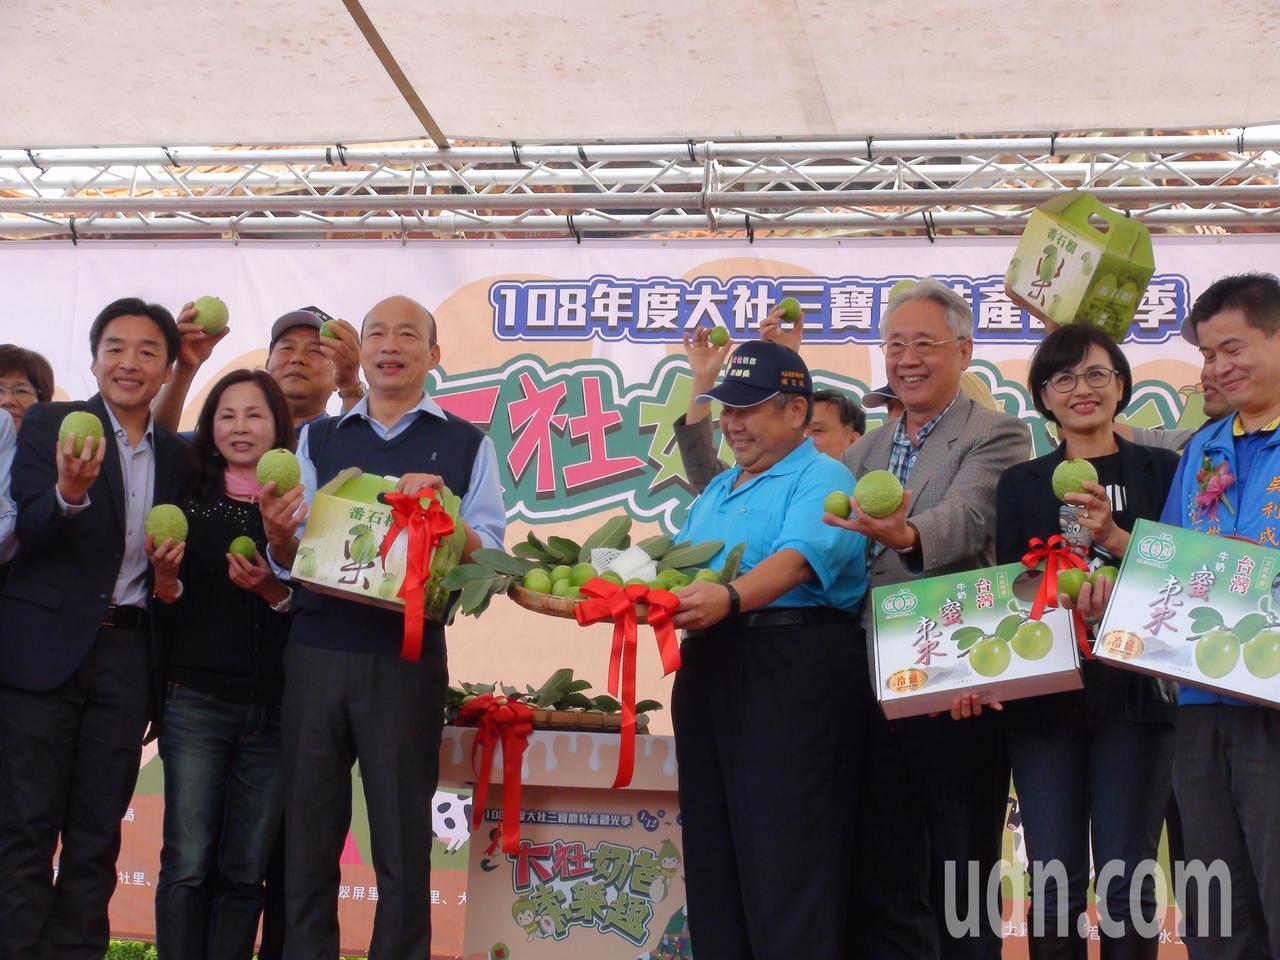 高雄市長韓國瑜到大社促銷蜜棗、芭樂。記者謝梅芬/攝影